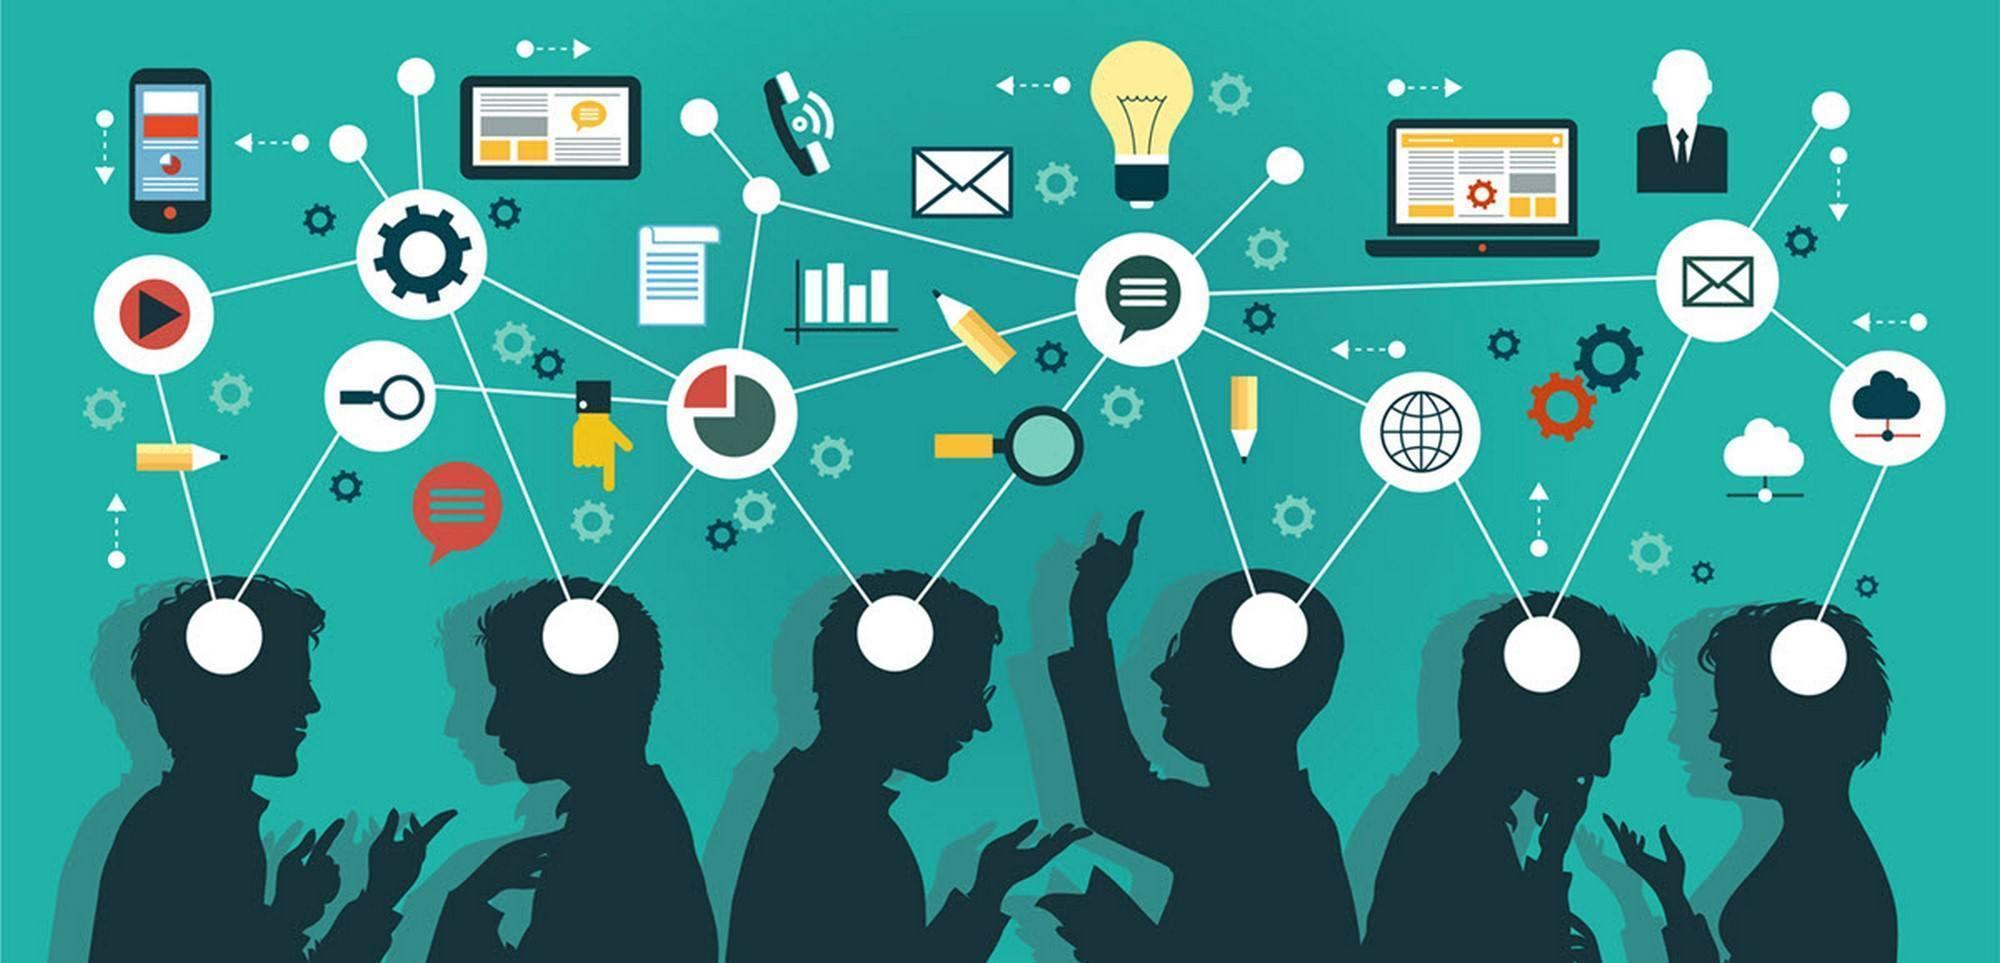 知识付费时代,如何进行内容创业?